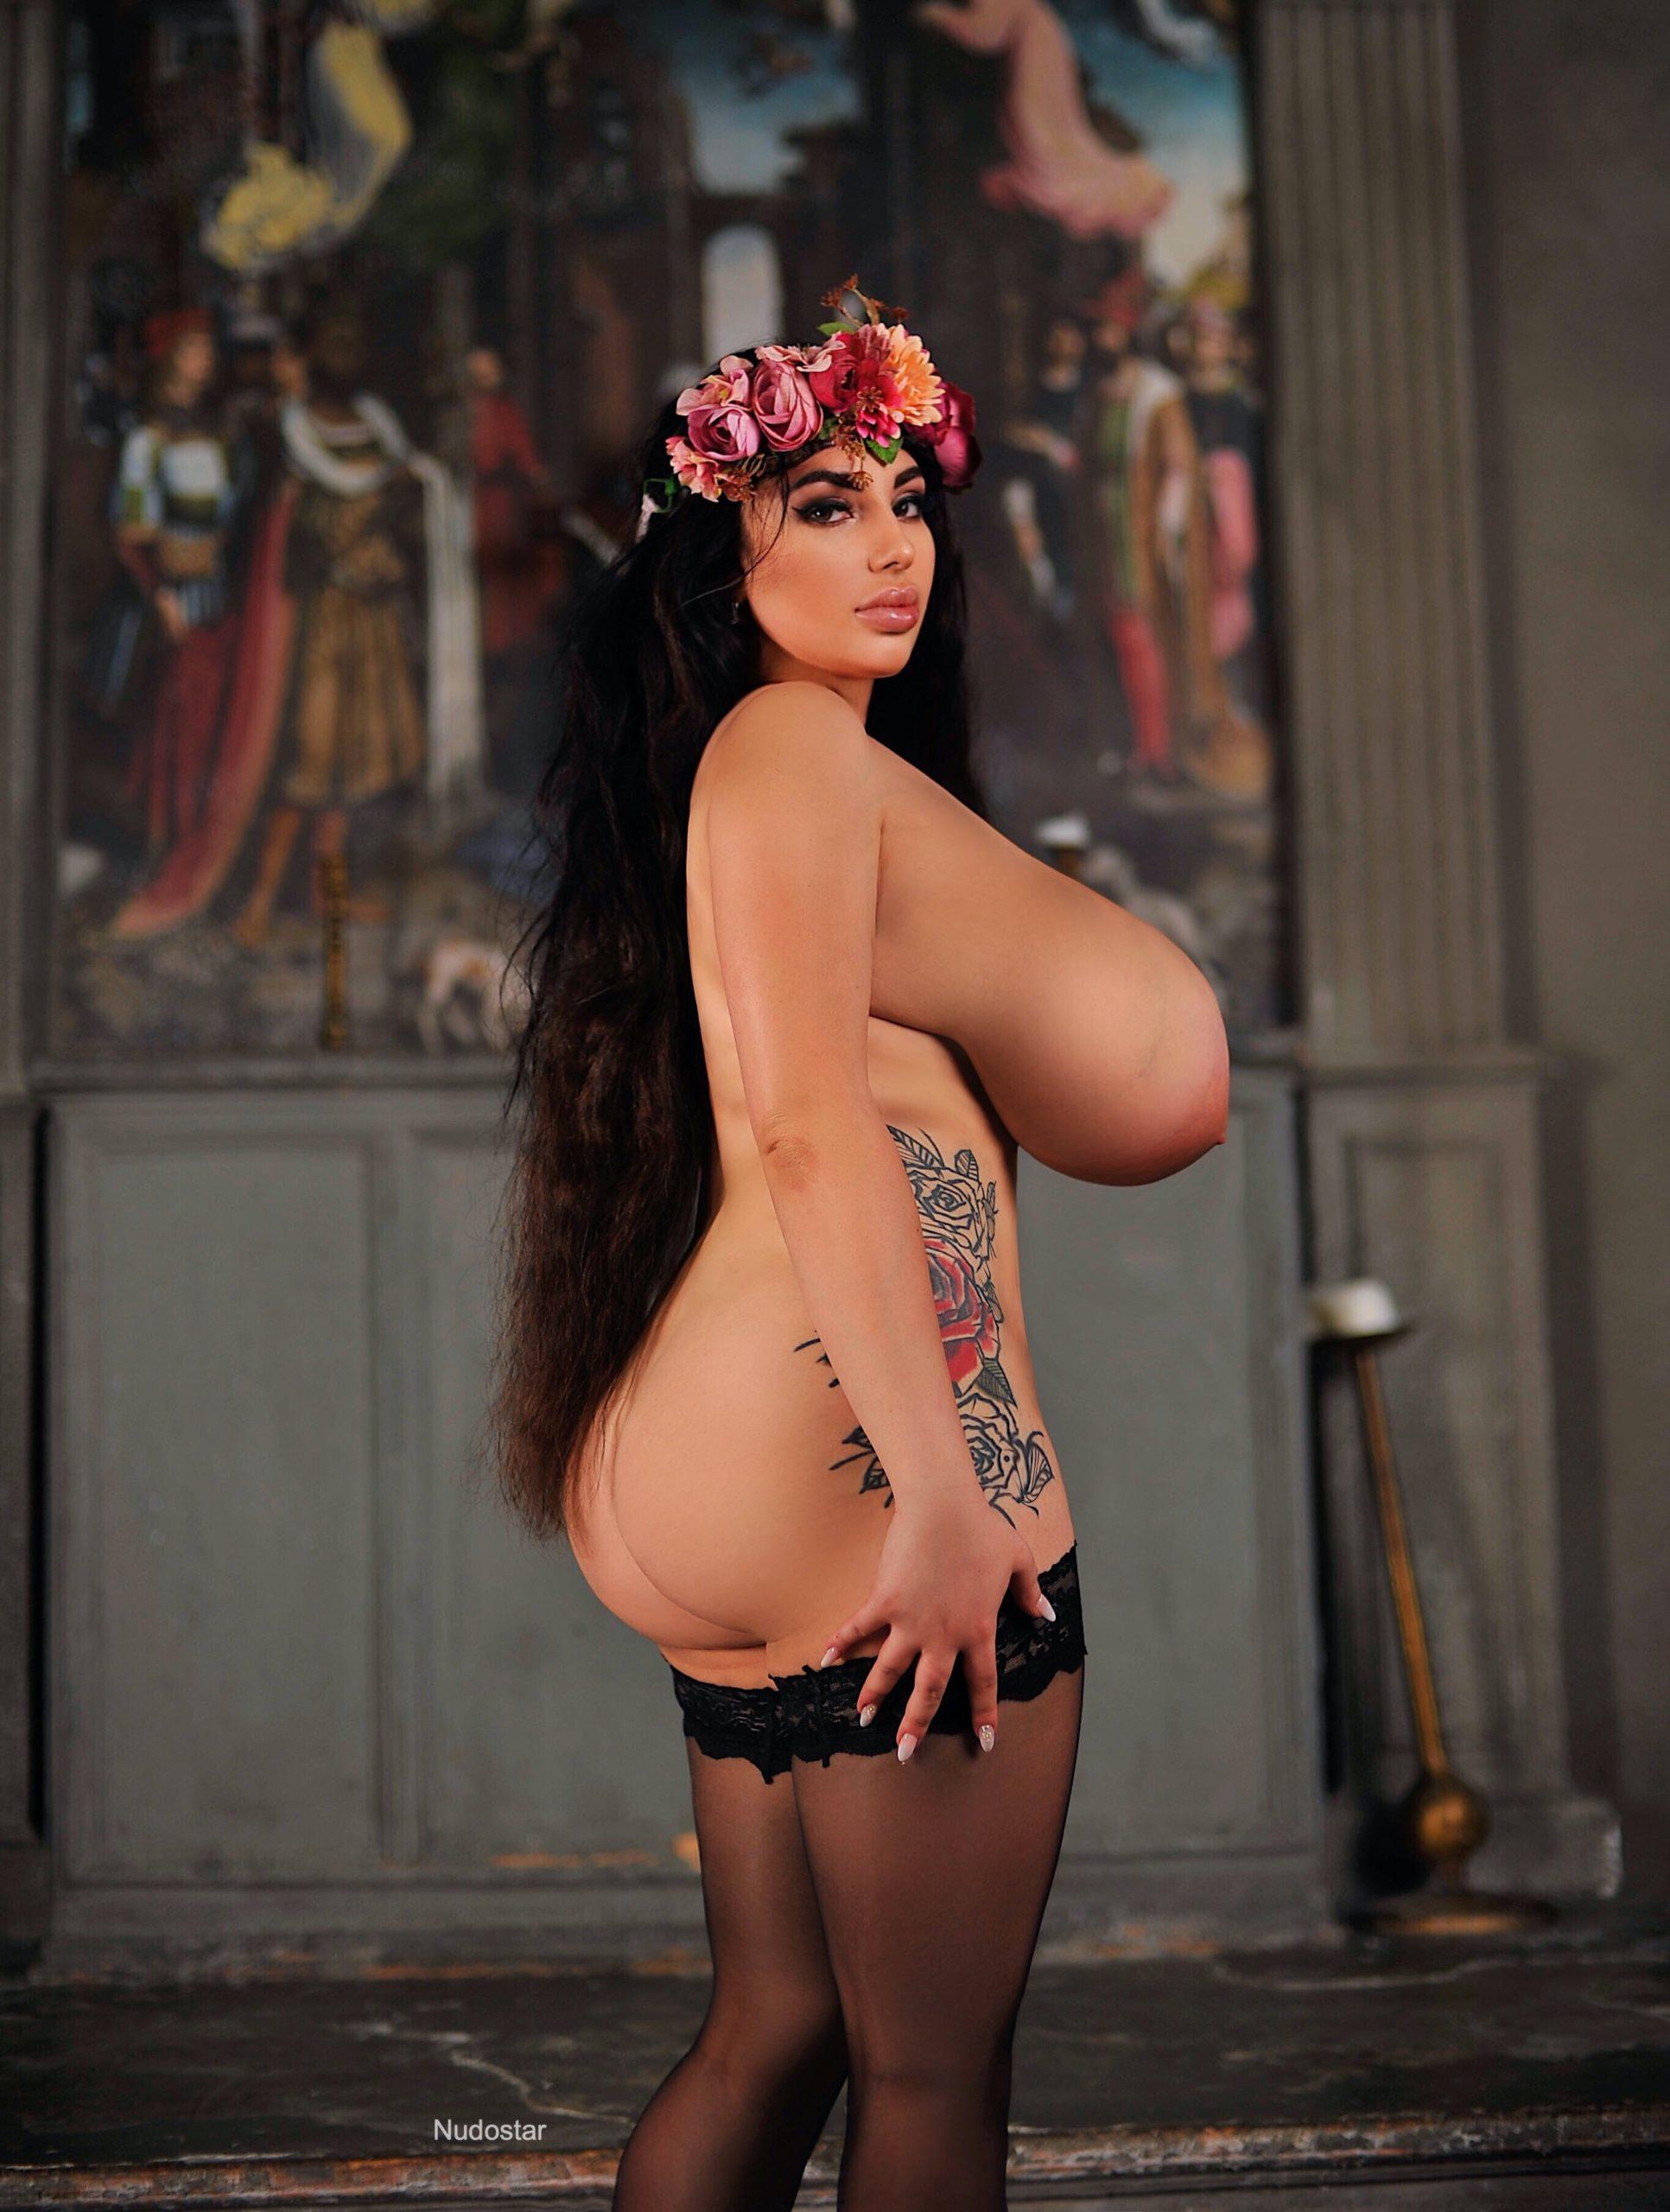 Artdikaya Anastasya Berthier Patreon & Onlyfans Nudes Leaks 0009